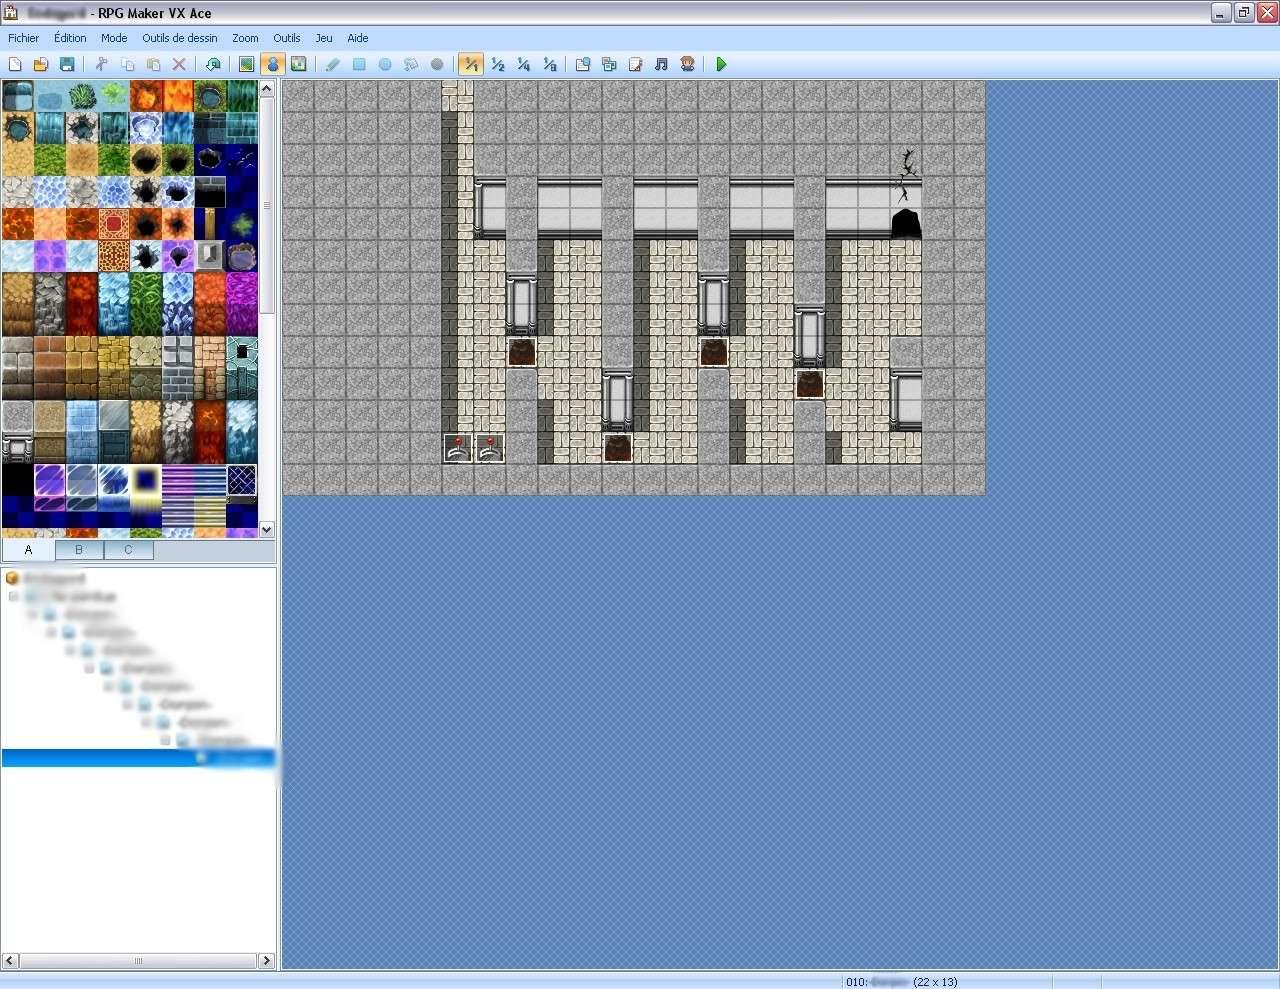 Problème sous RPG Maker VX Ace (Levier) [résolu] Screen12